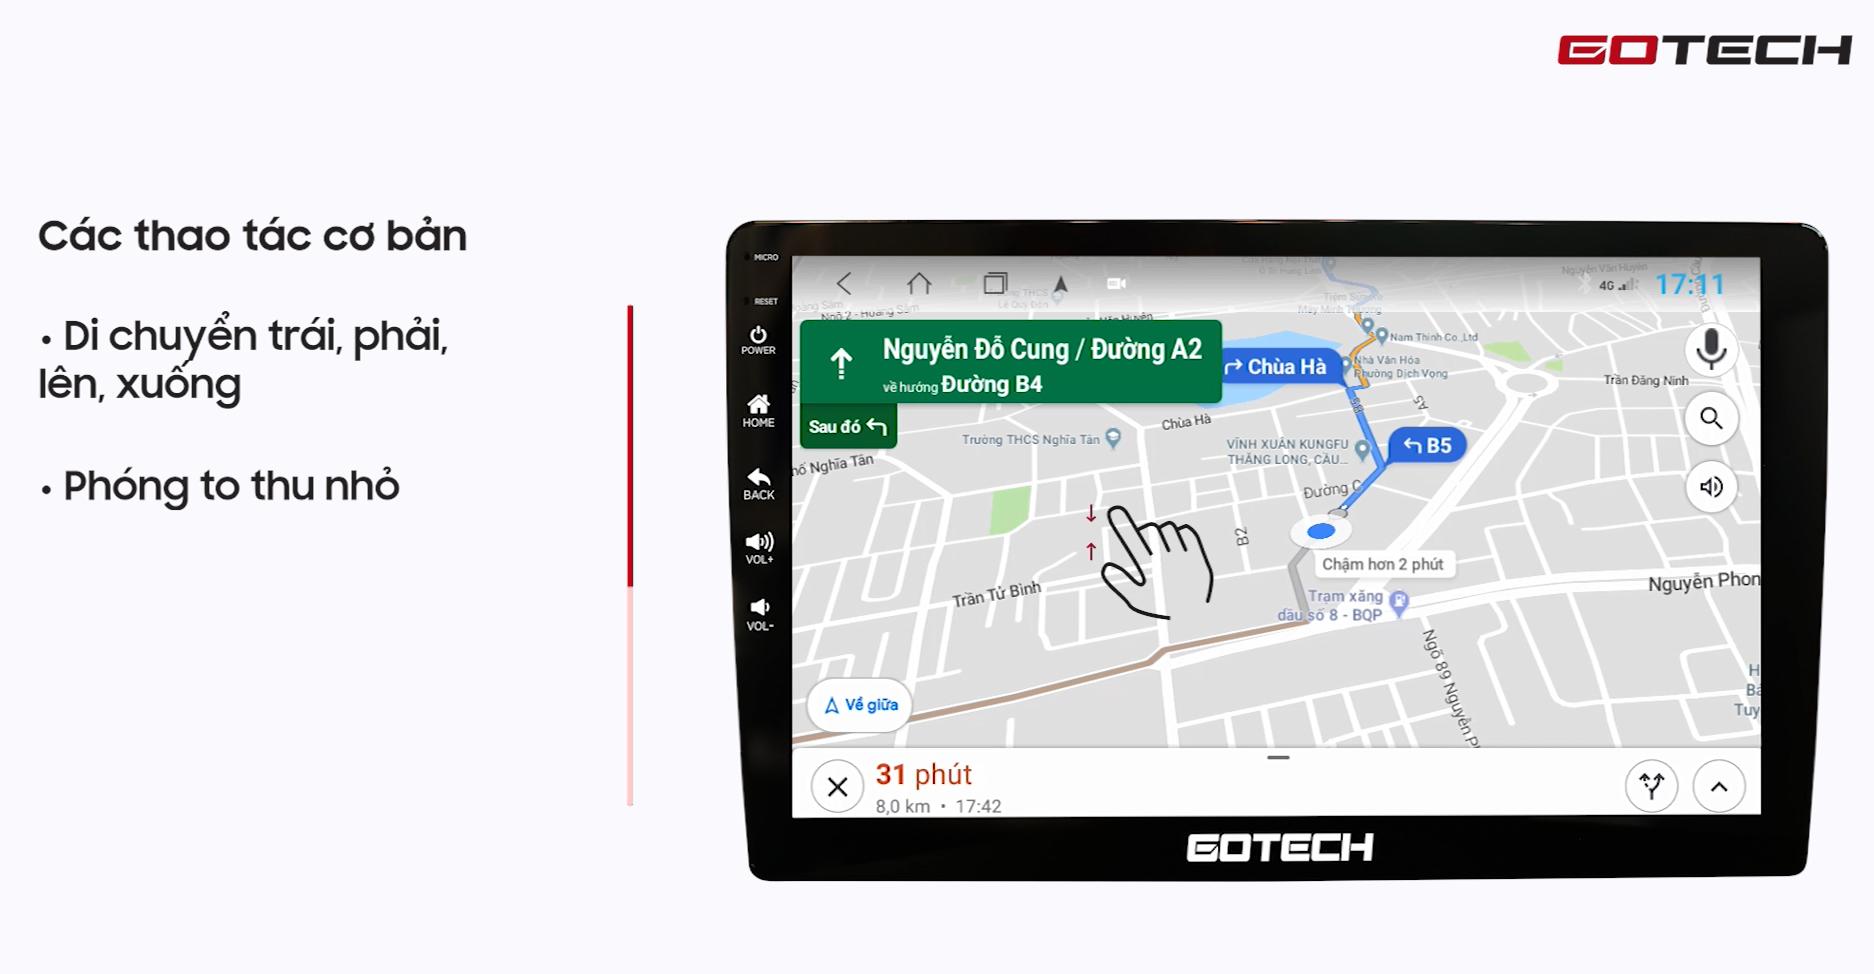 Hướng dẫn sử dụng Google Maps trên màn hình Gotech